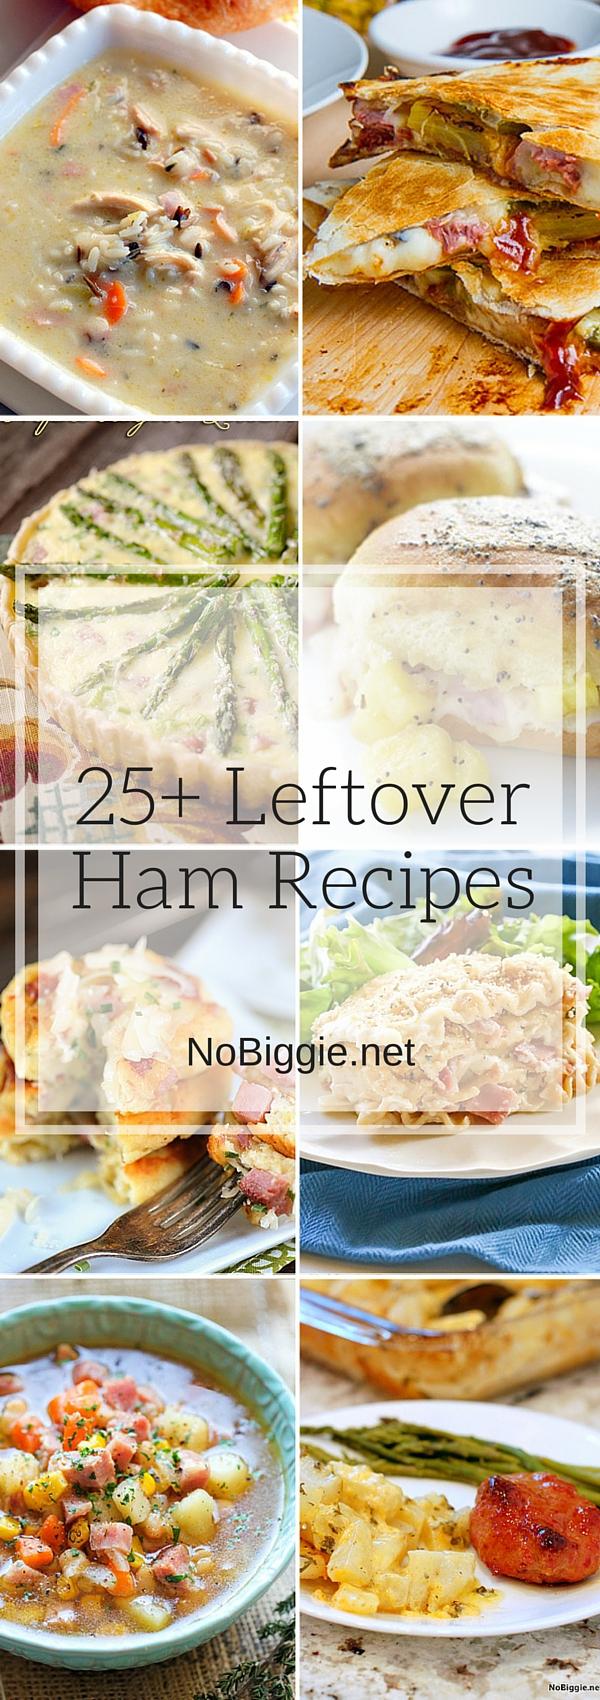 http://www.nobiggie.net/wp-content/uploads/2016/02/25-Leftover-Ham-Recipes-NoBiggie.net-vrt.jpg